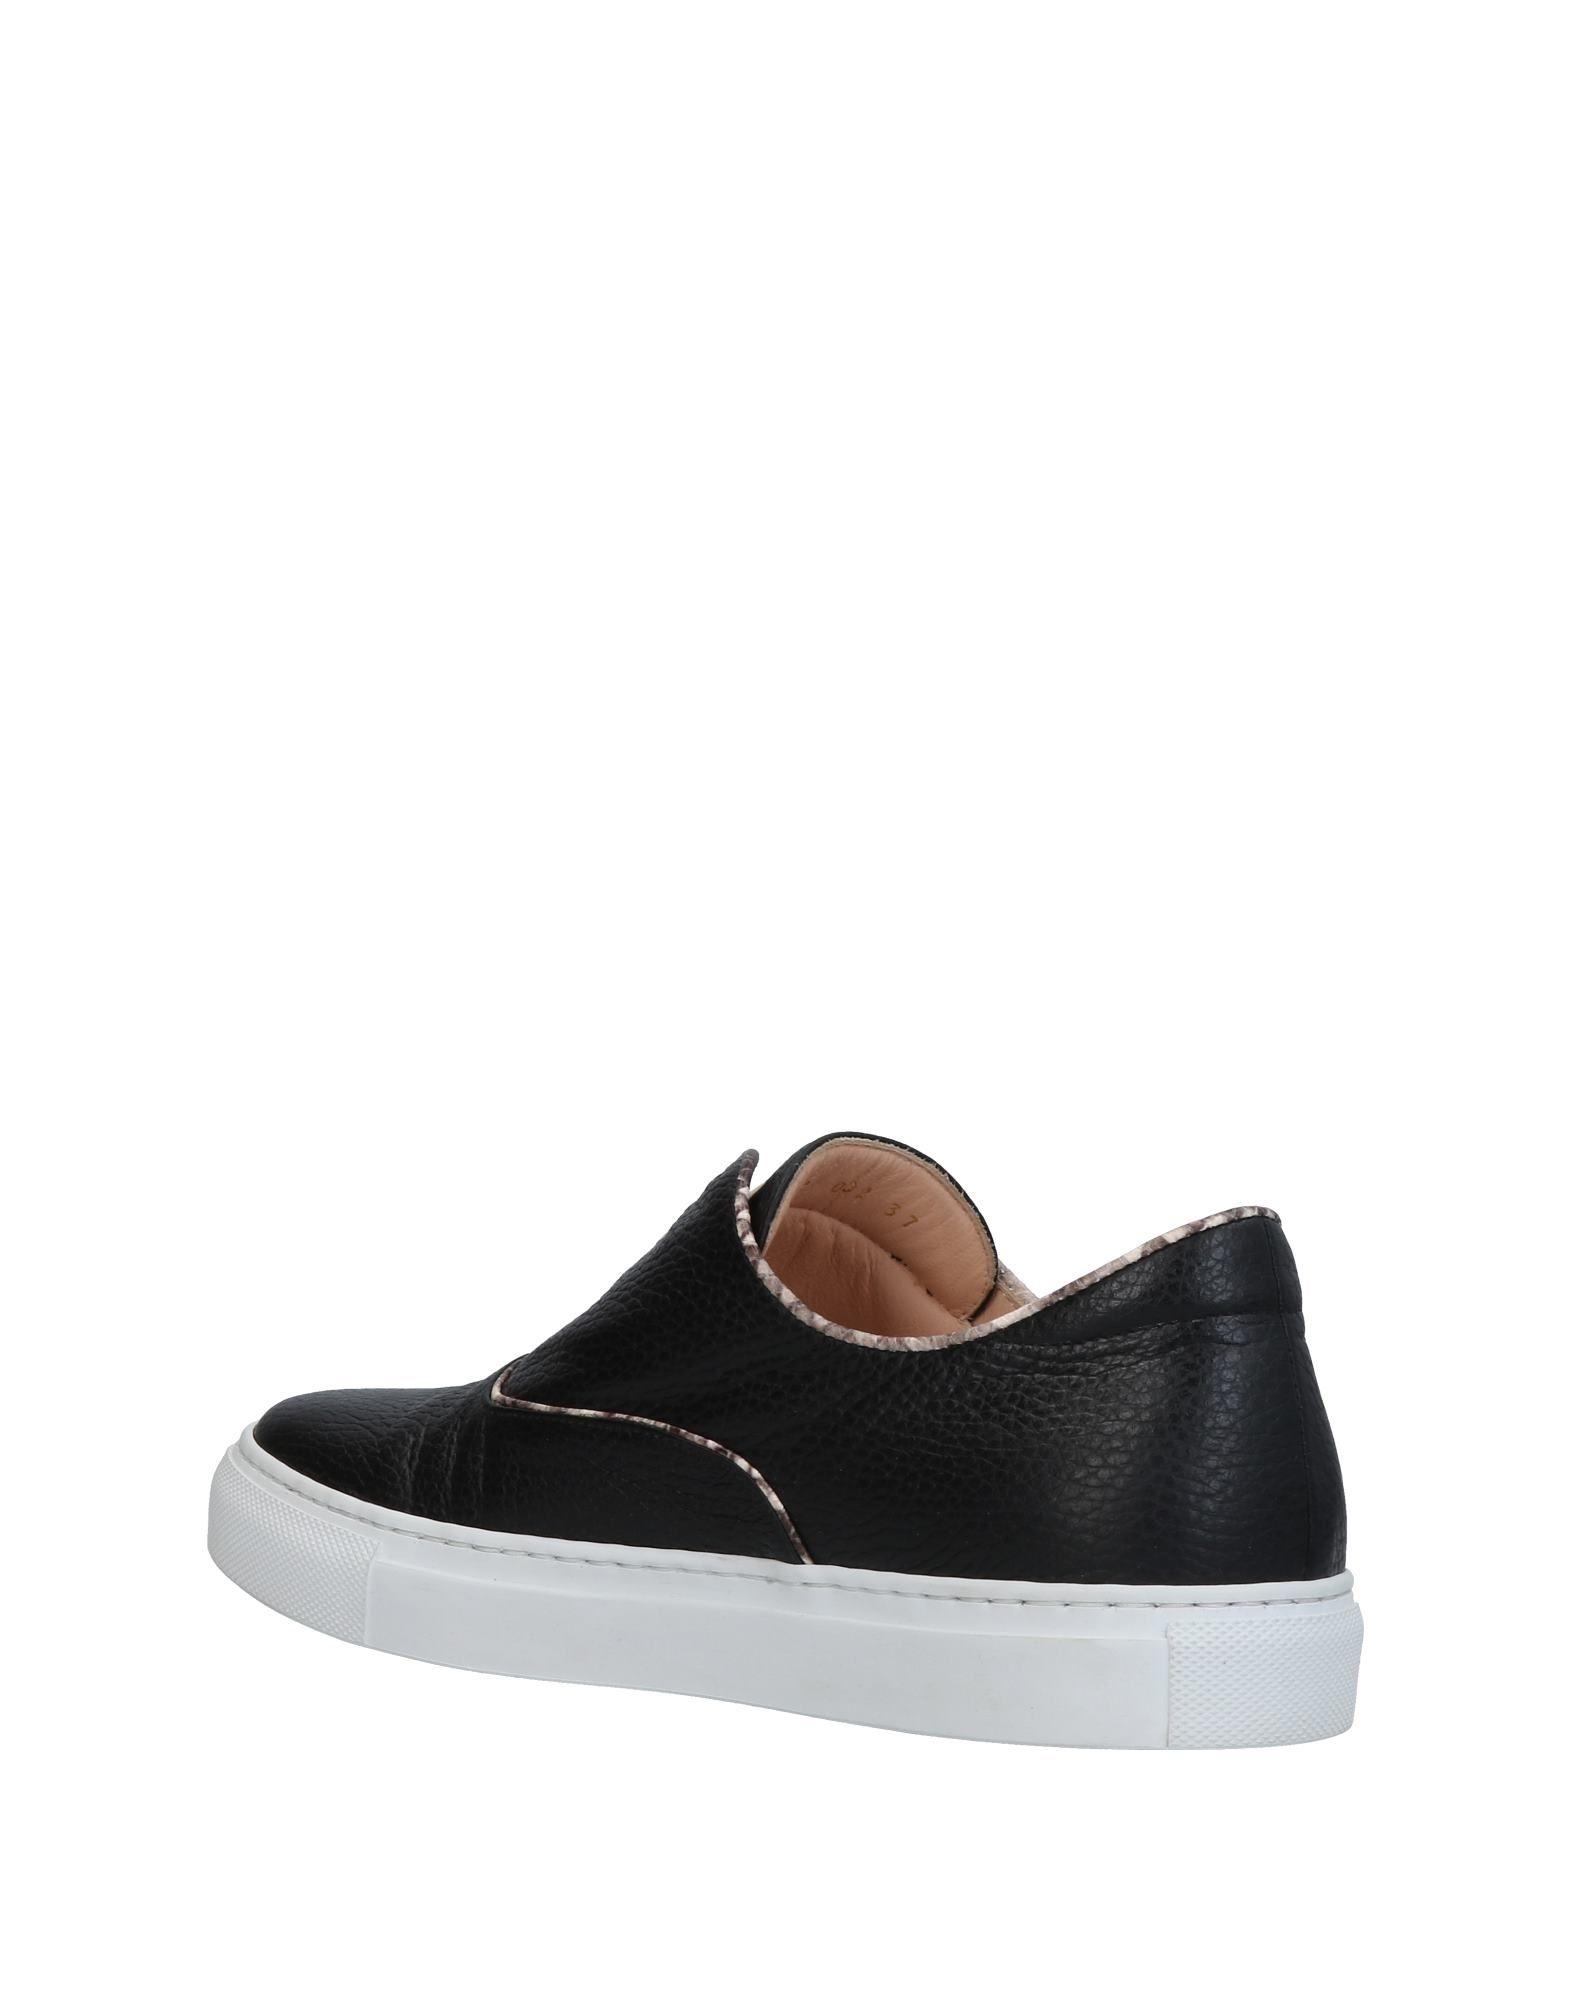 ... Sneakers Dibrera By Paolo Zanoli Femme - Sneakers Dibrera By Paolo  Zanoli sur ...